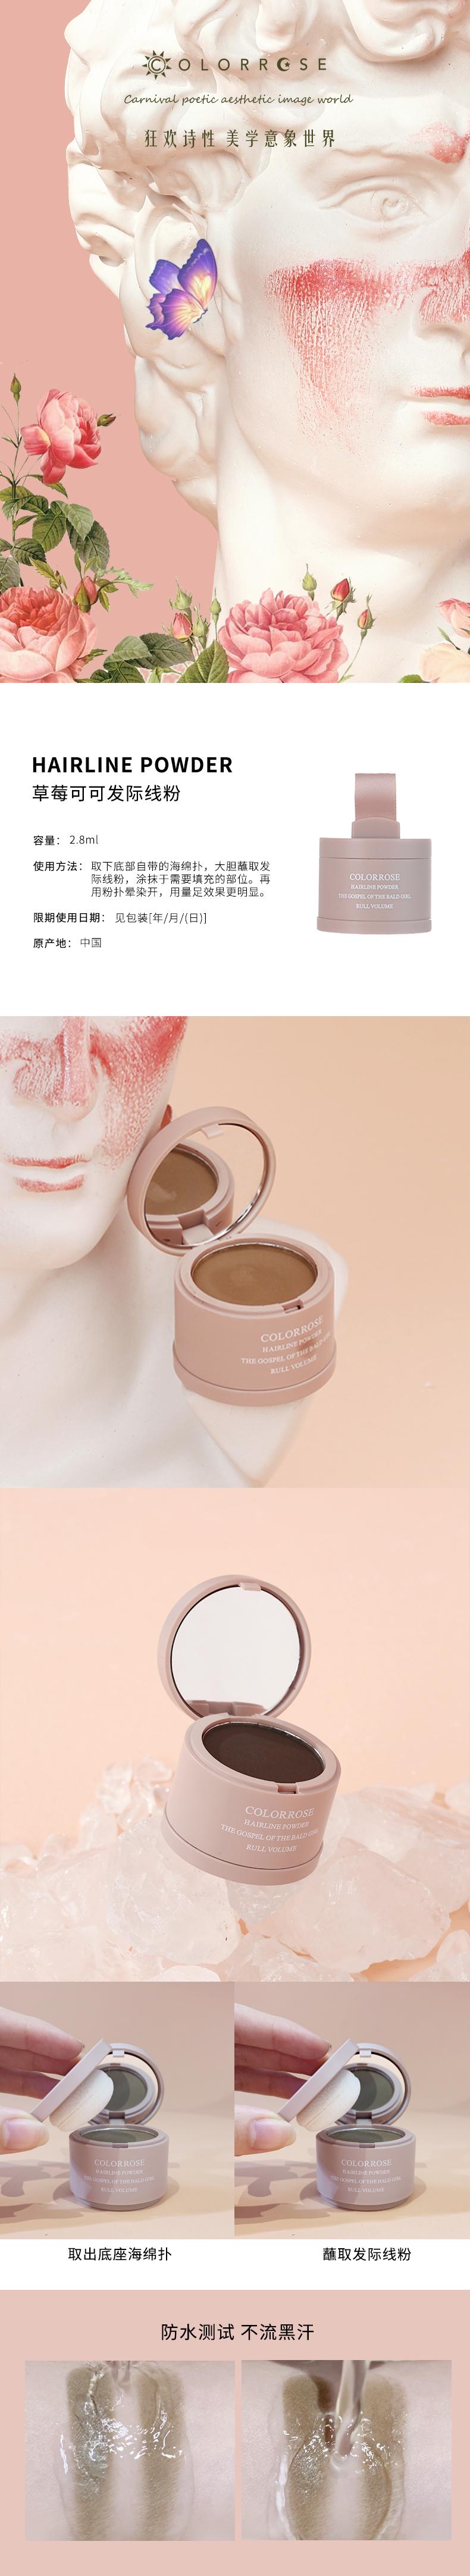 髮际线粉填充神器修容粉阴影瘦脸自然种头髮少修髮际线详细照片